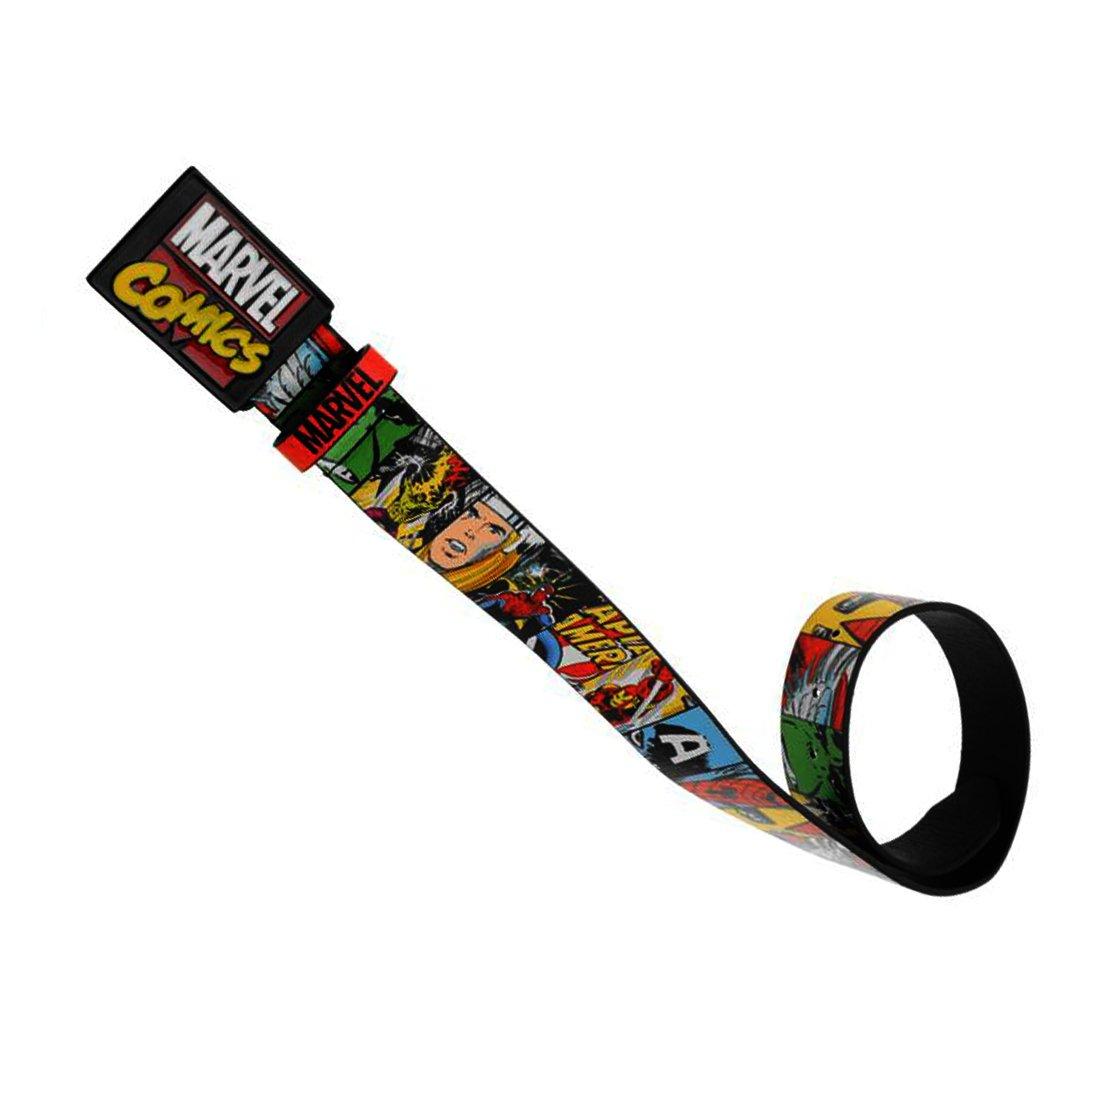 Marvel Comics Junior Ceinture Superhero licence Imprimé pour enfant Hulk  Spiderman Captain America Boucle en métal Cuir Construction - Multicolore -  7-13 ... 769ecdddb0f